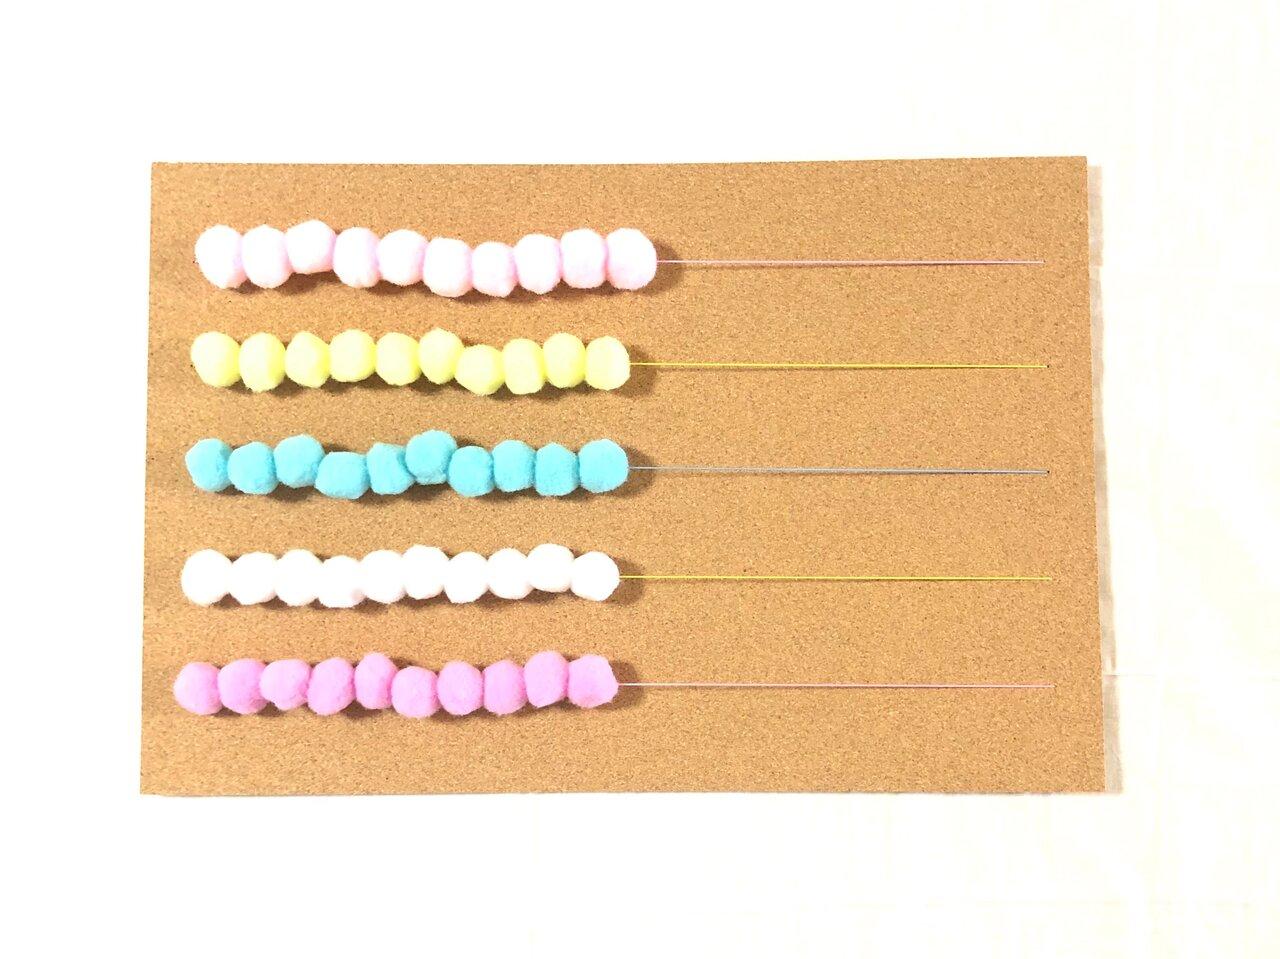 50玉そろばんで数字遊び!100均素材のぽんぽんで作る知育アイテム